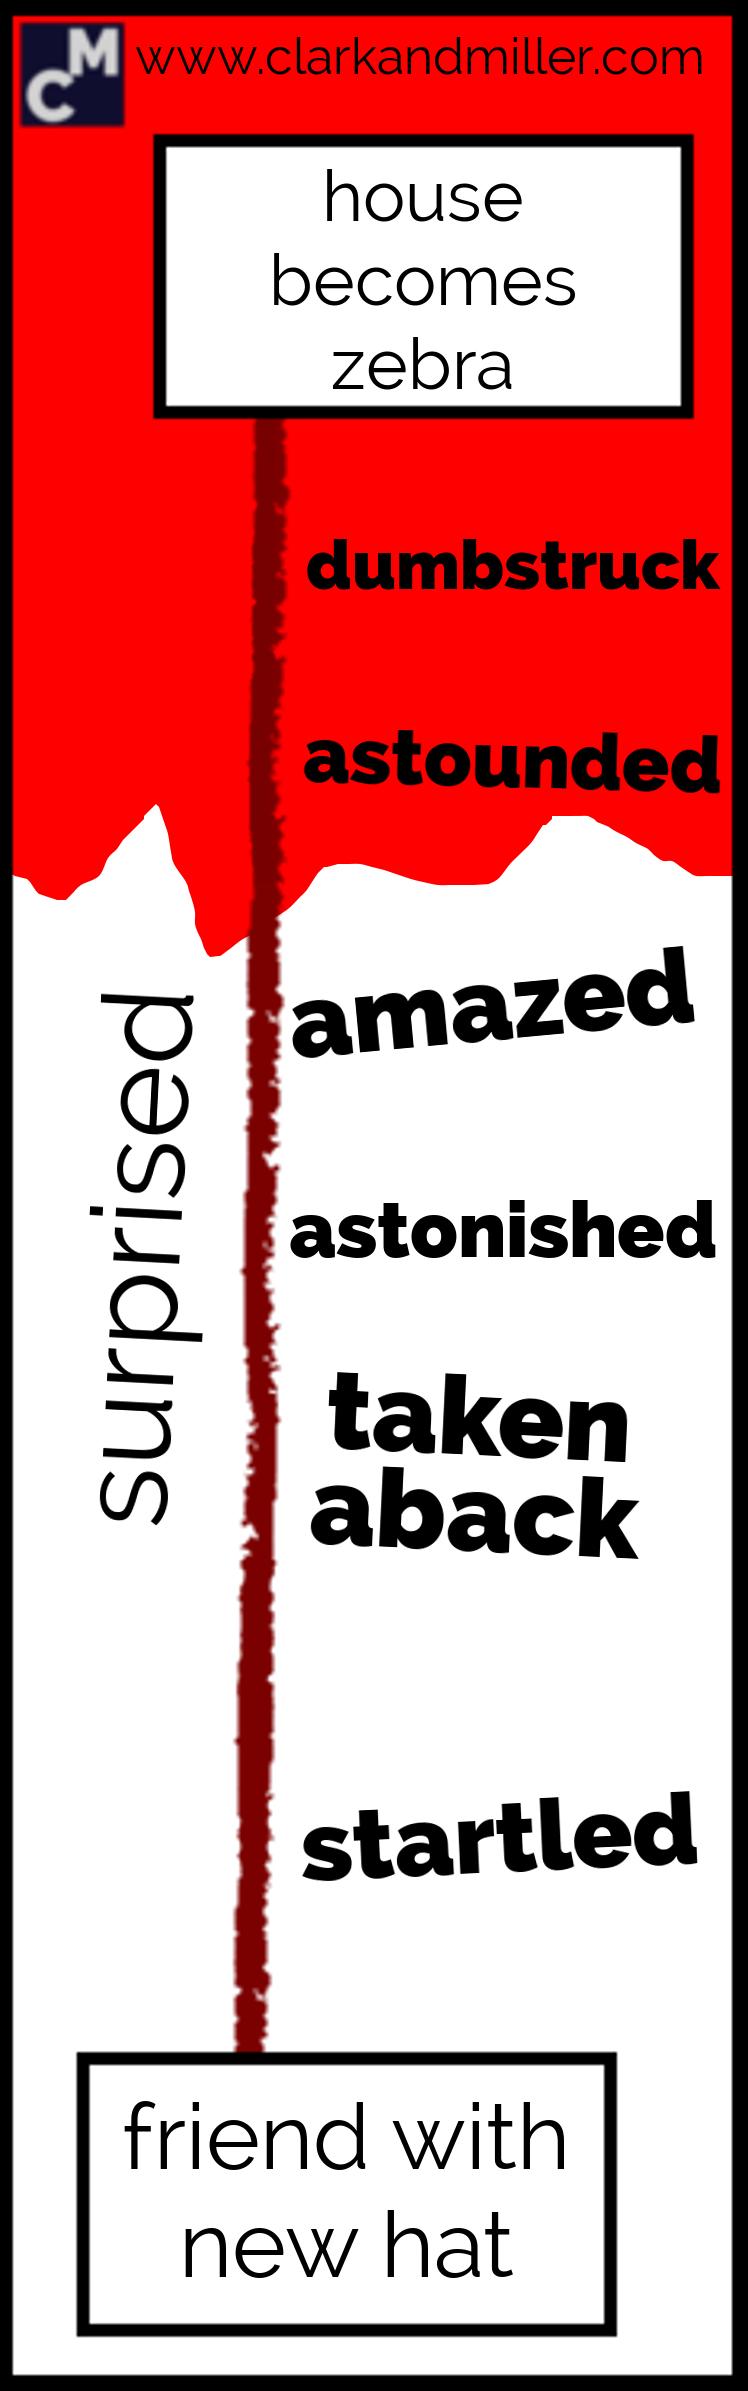 Words for surprised: dumbstruck, astounded, amazed, astonished, taken aback, startled